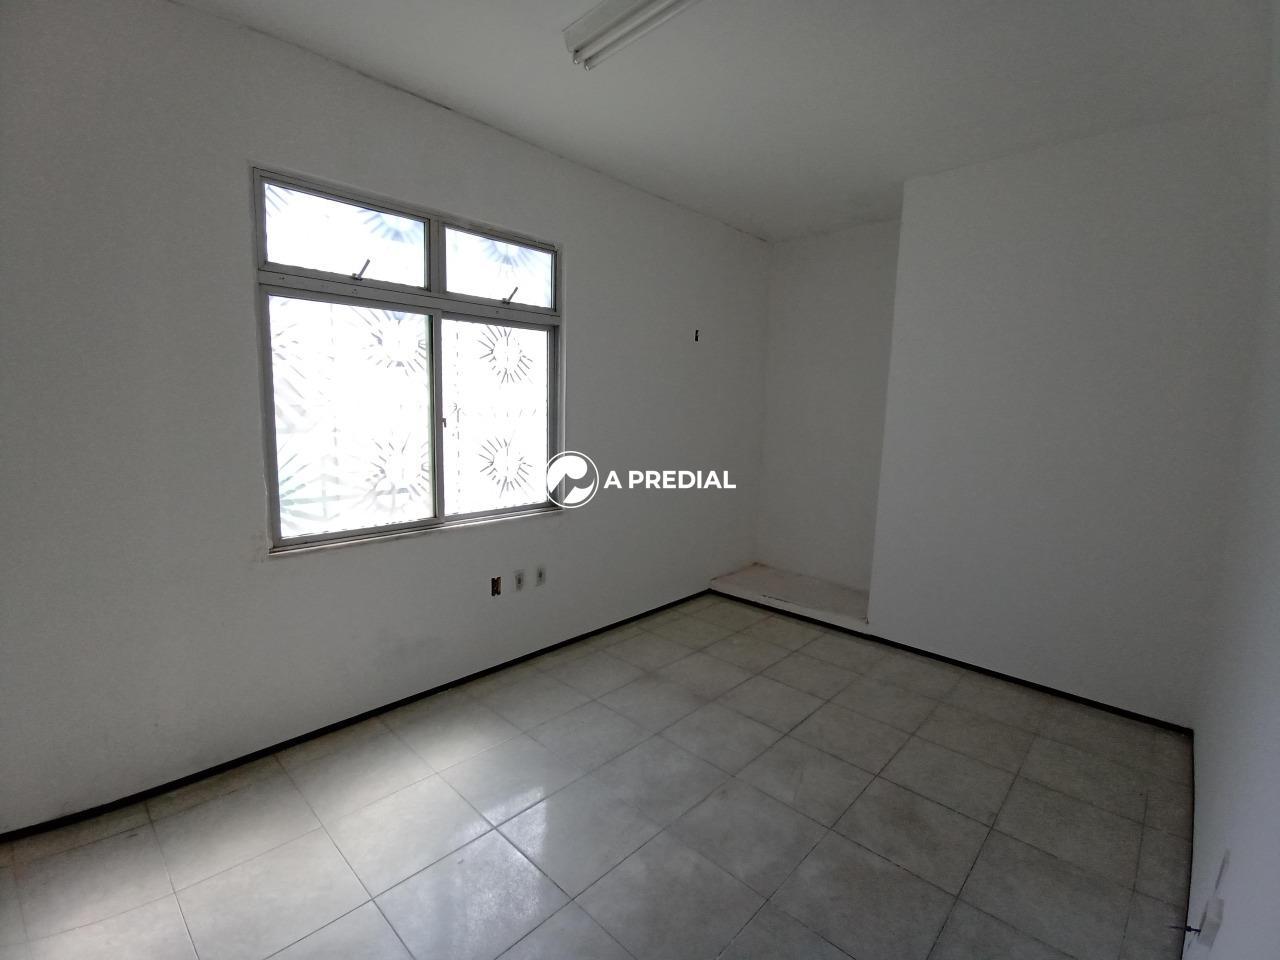 Casa para aluguel no Aldeota: